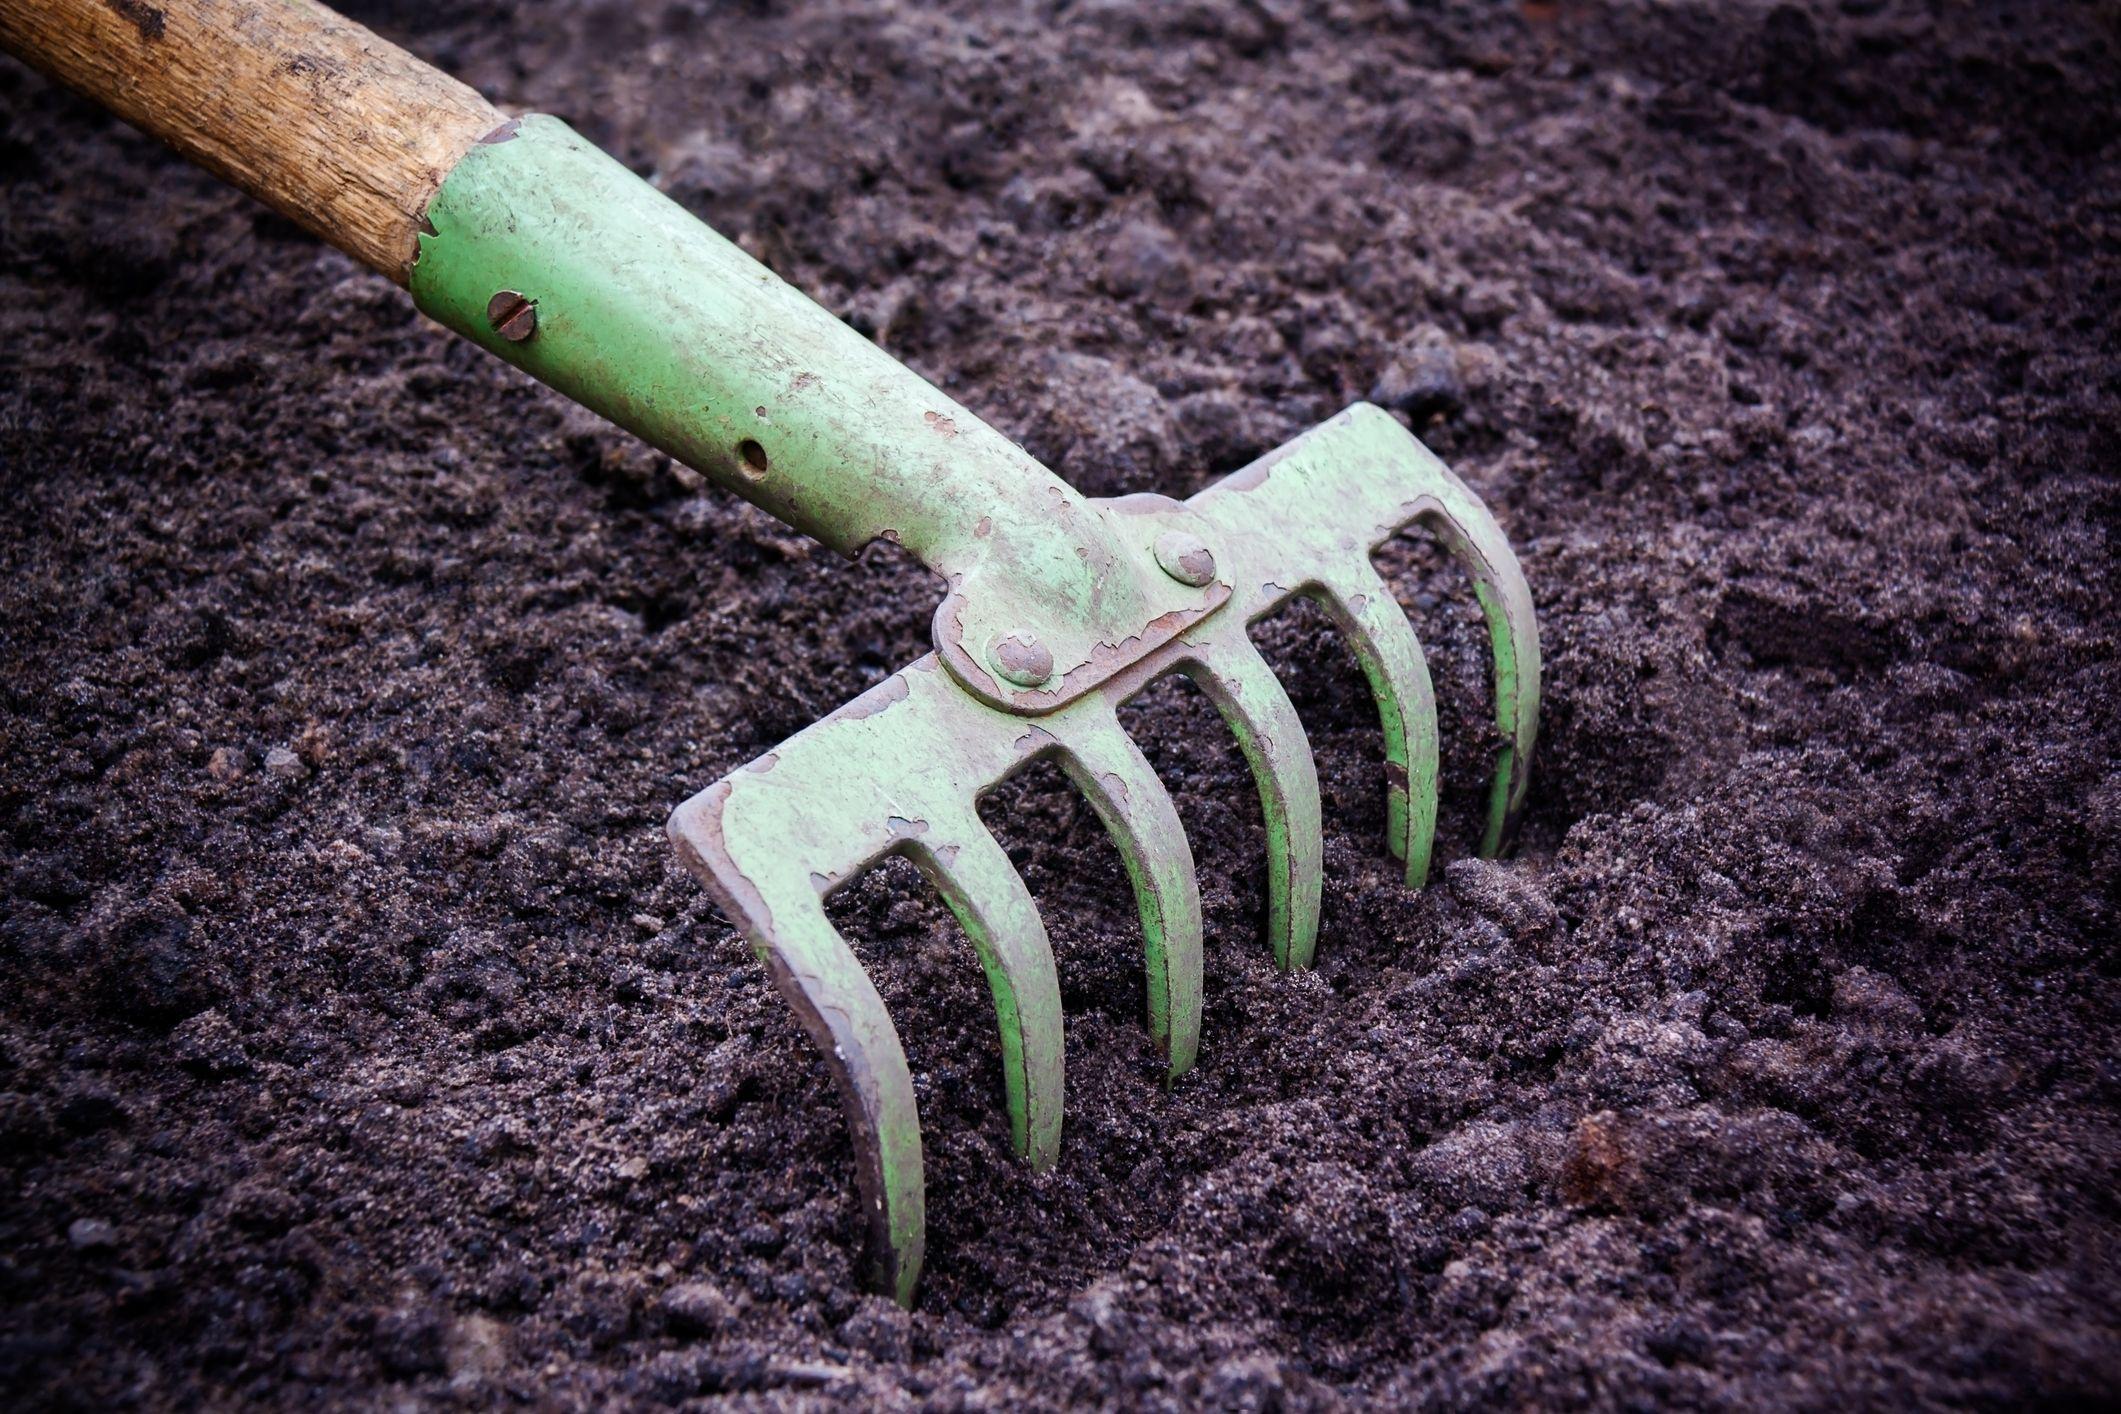 Hoe Digging Soil